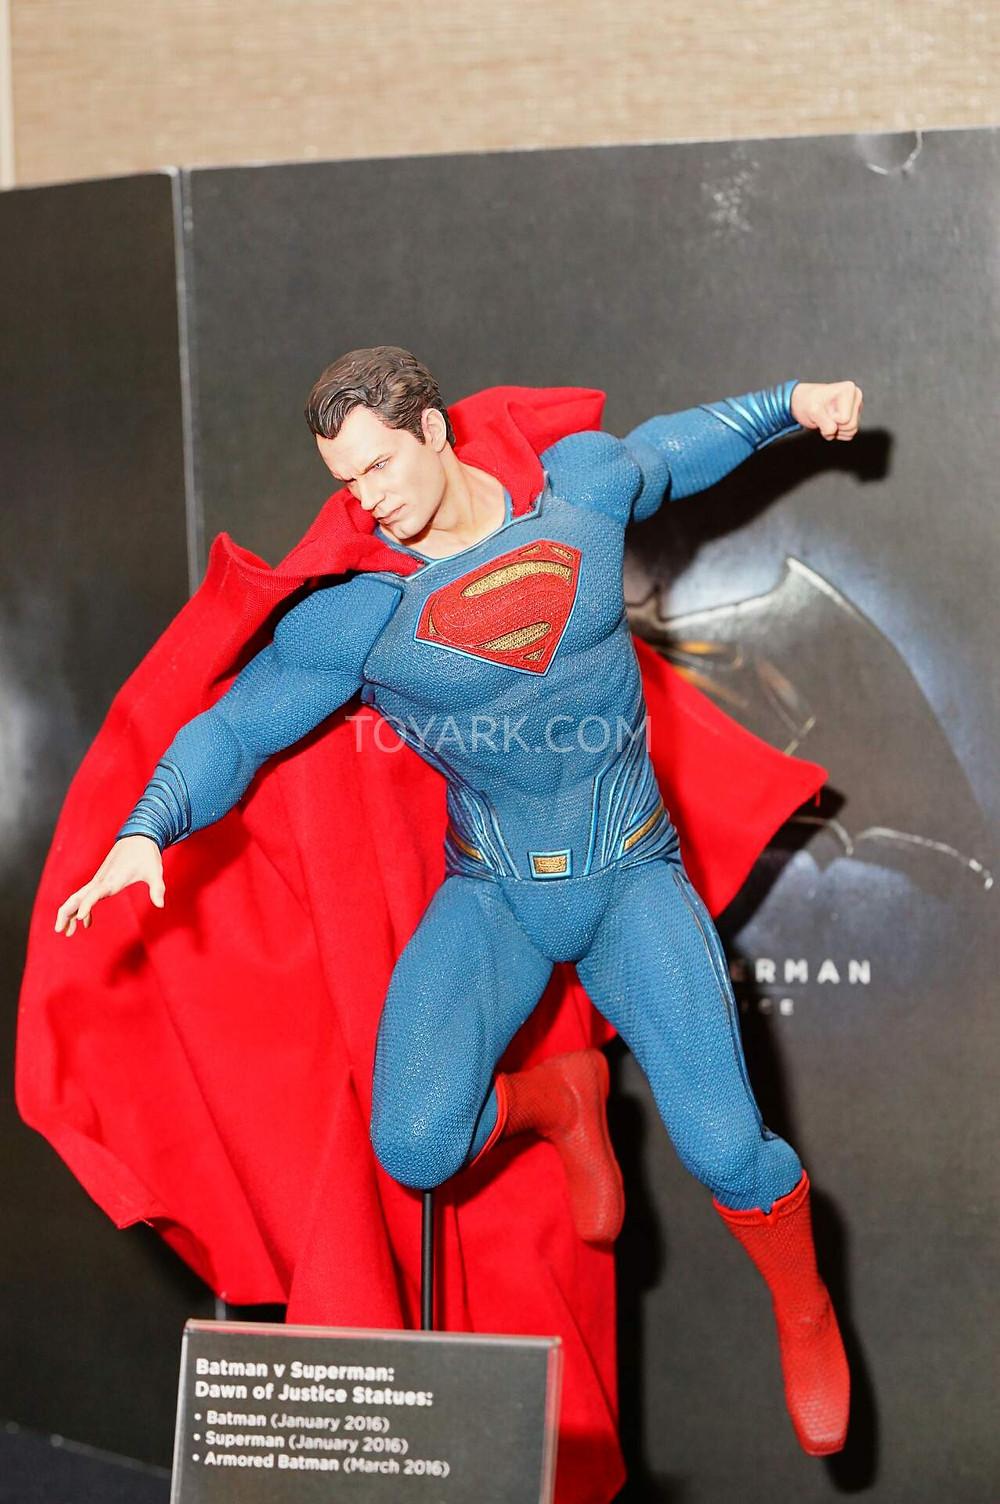 SDCC2015-DC-Collectibles-Batman-v-Superman-007.jpg